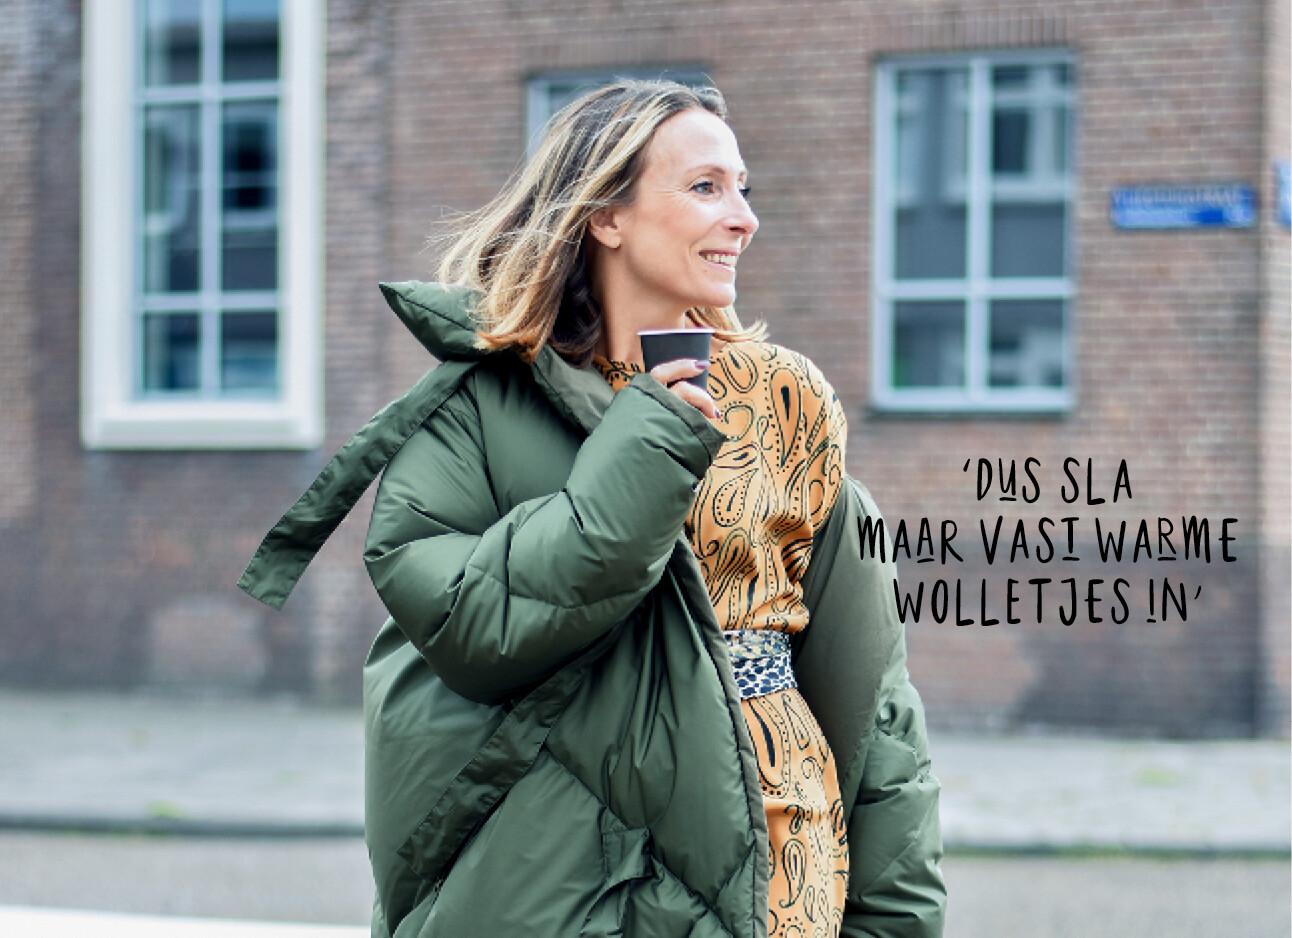 may lachend met een dikke winterjas aan op straat